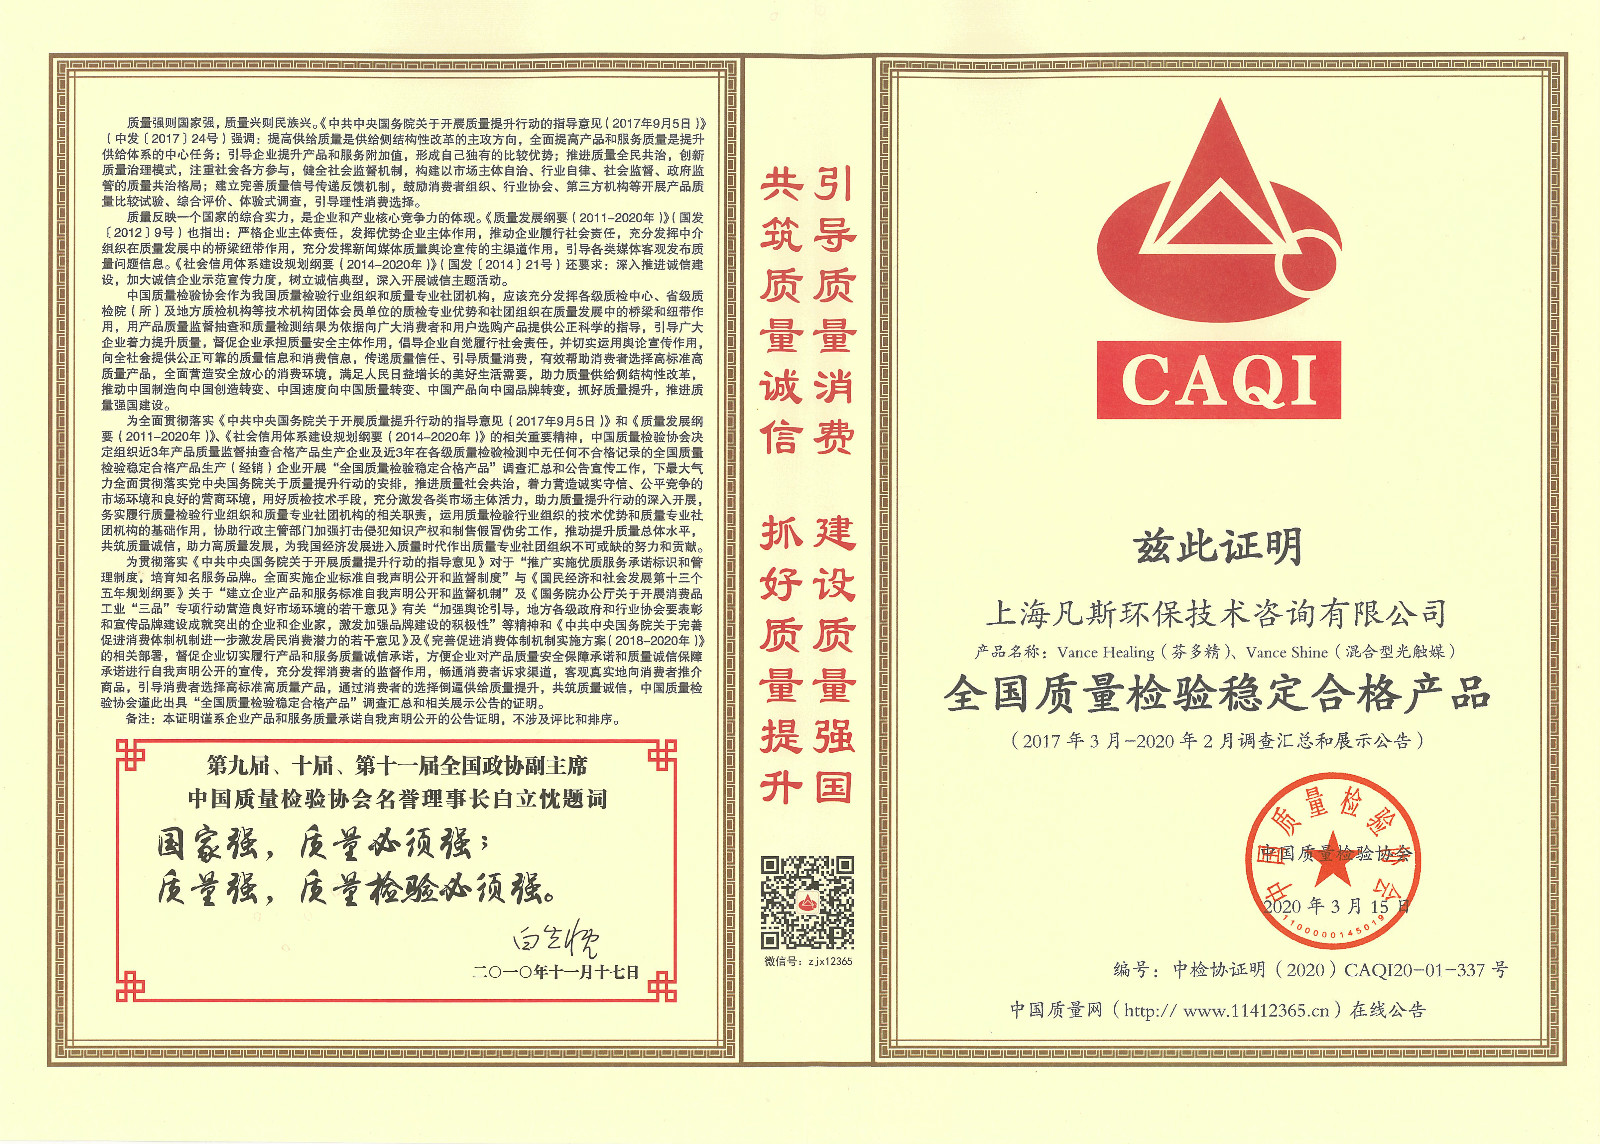 全国质量检验稳定合格产品_meitu_1.jpg